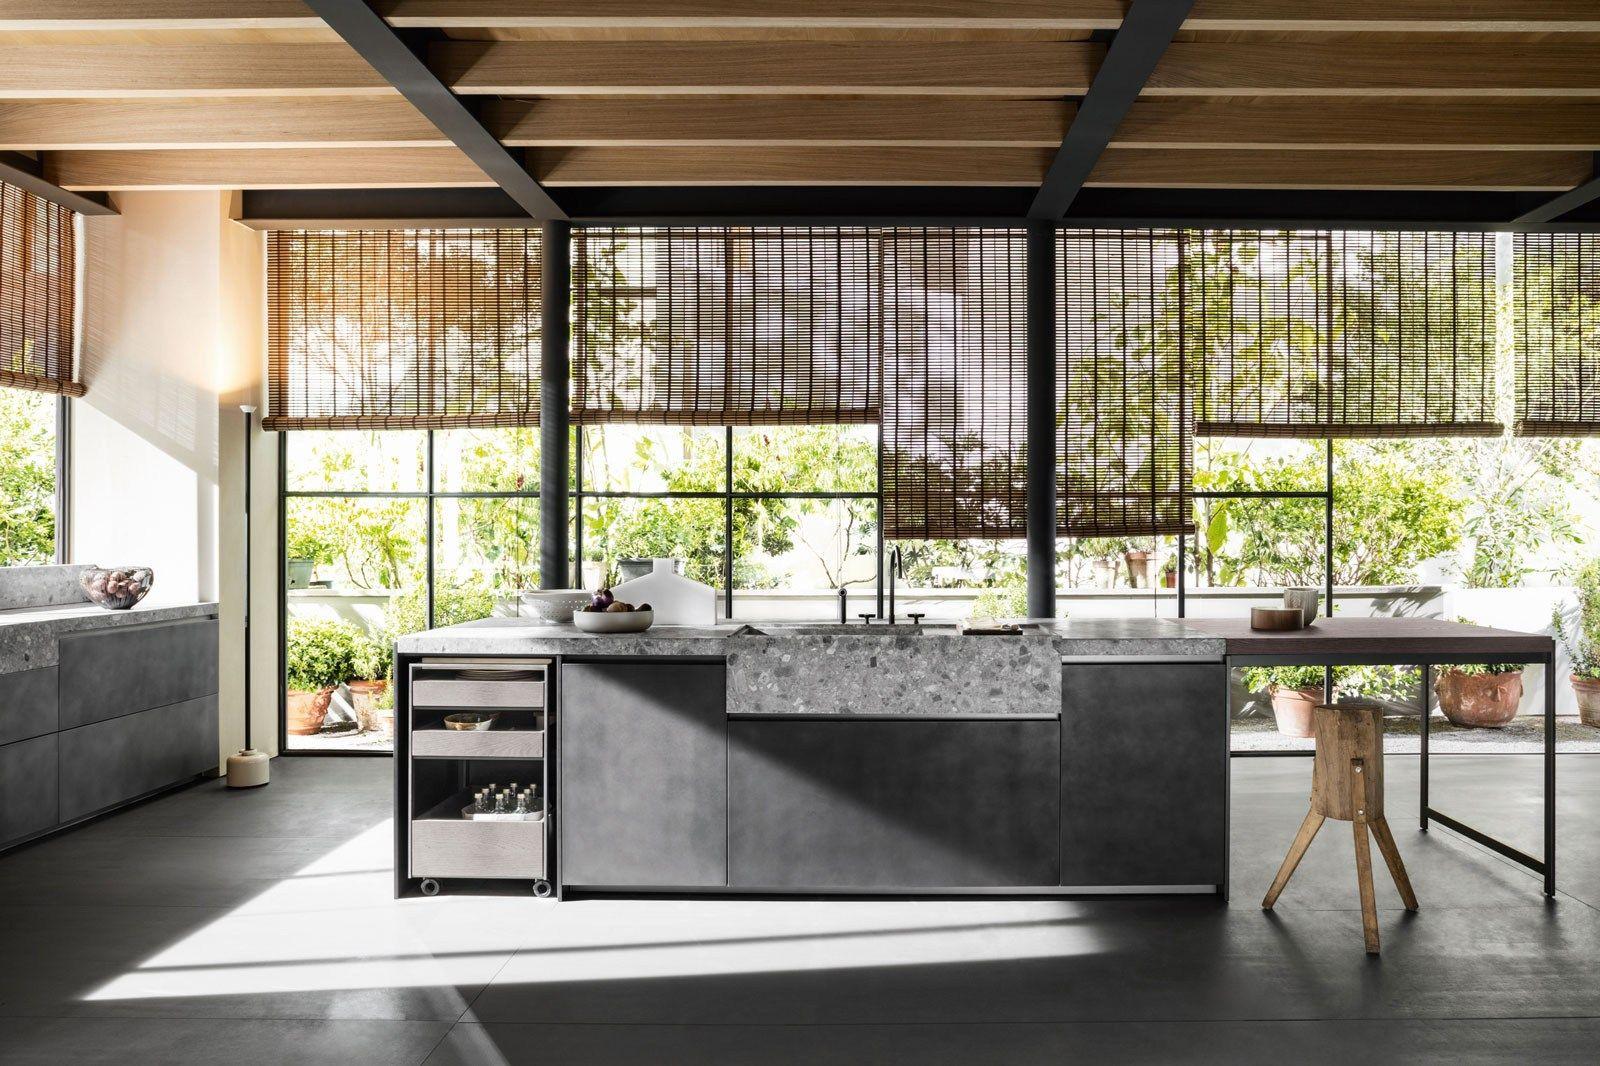 Beautiful Dada Cucine Milano Ideas - harrop.us - harrop.us